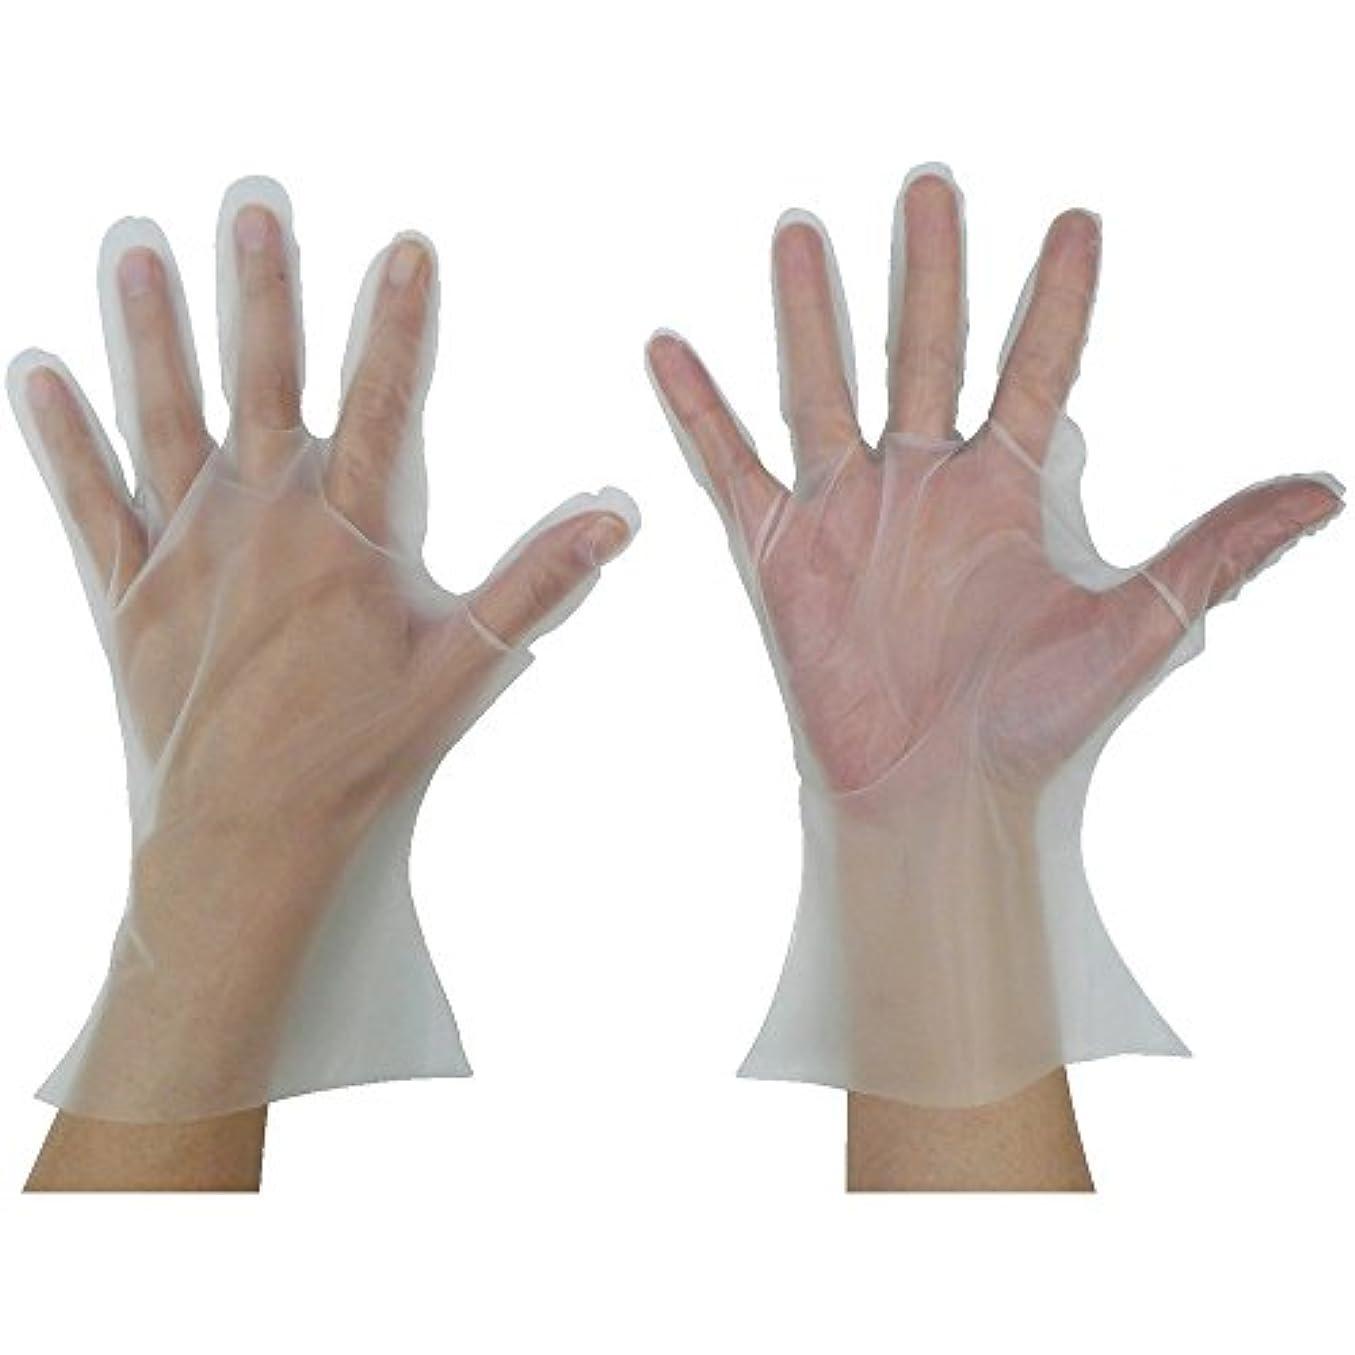 メドレー妖精主張東京パック マイジャストグローブエコノミー化粧箱ML 半透明 MJEK-ML ポリエチレン使い捨て手袋